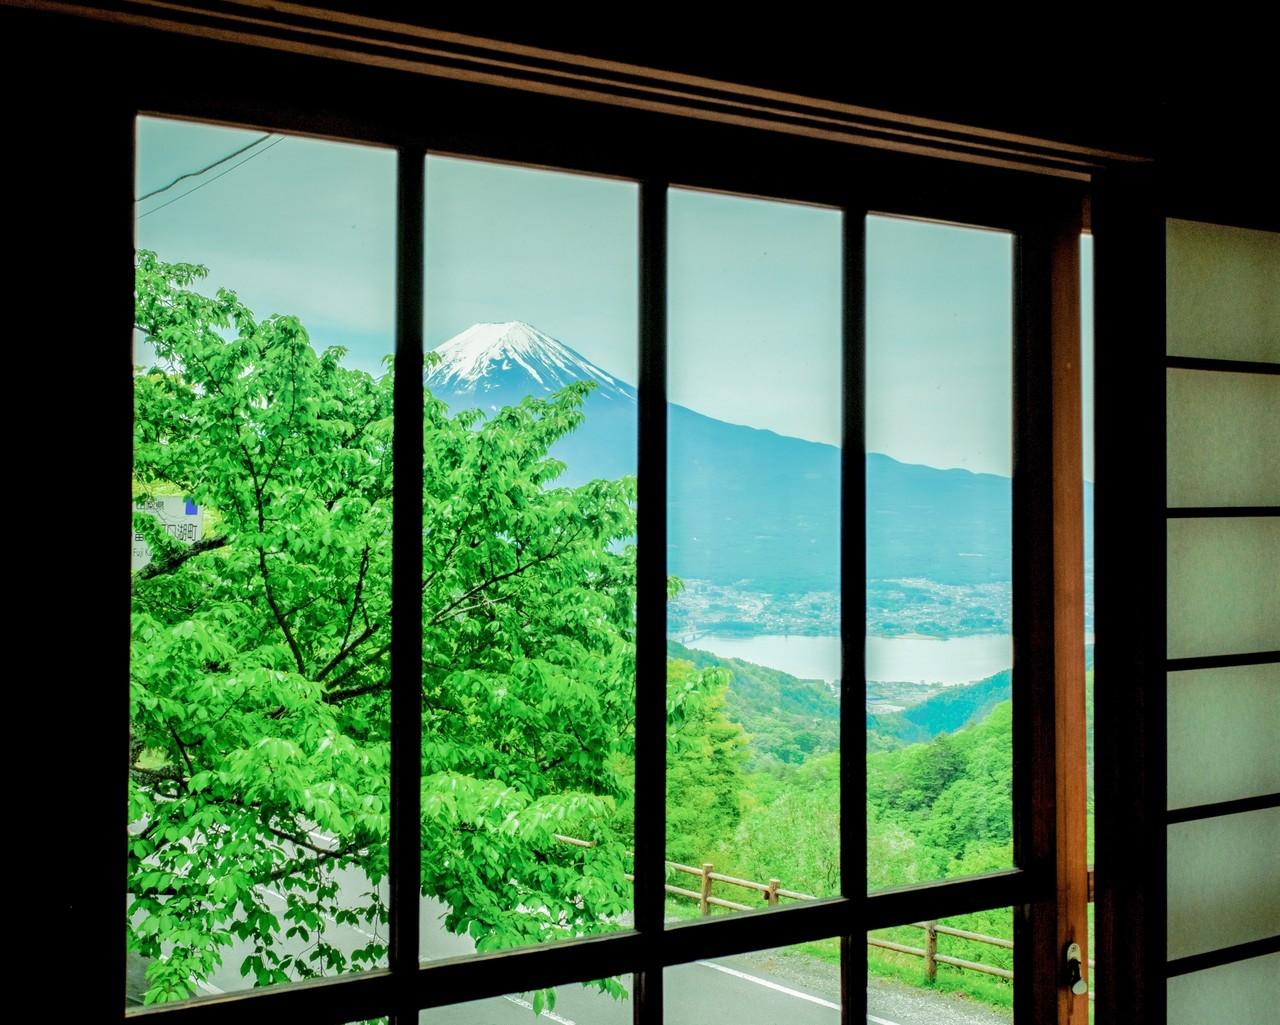 夏っぽくしたいな〜と思ったけど富士山に雪がある時点で夏じゃない🗻